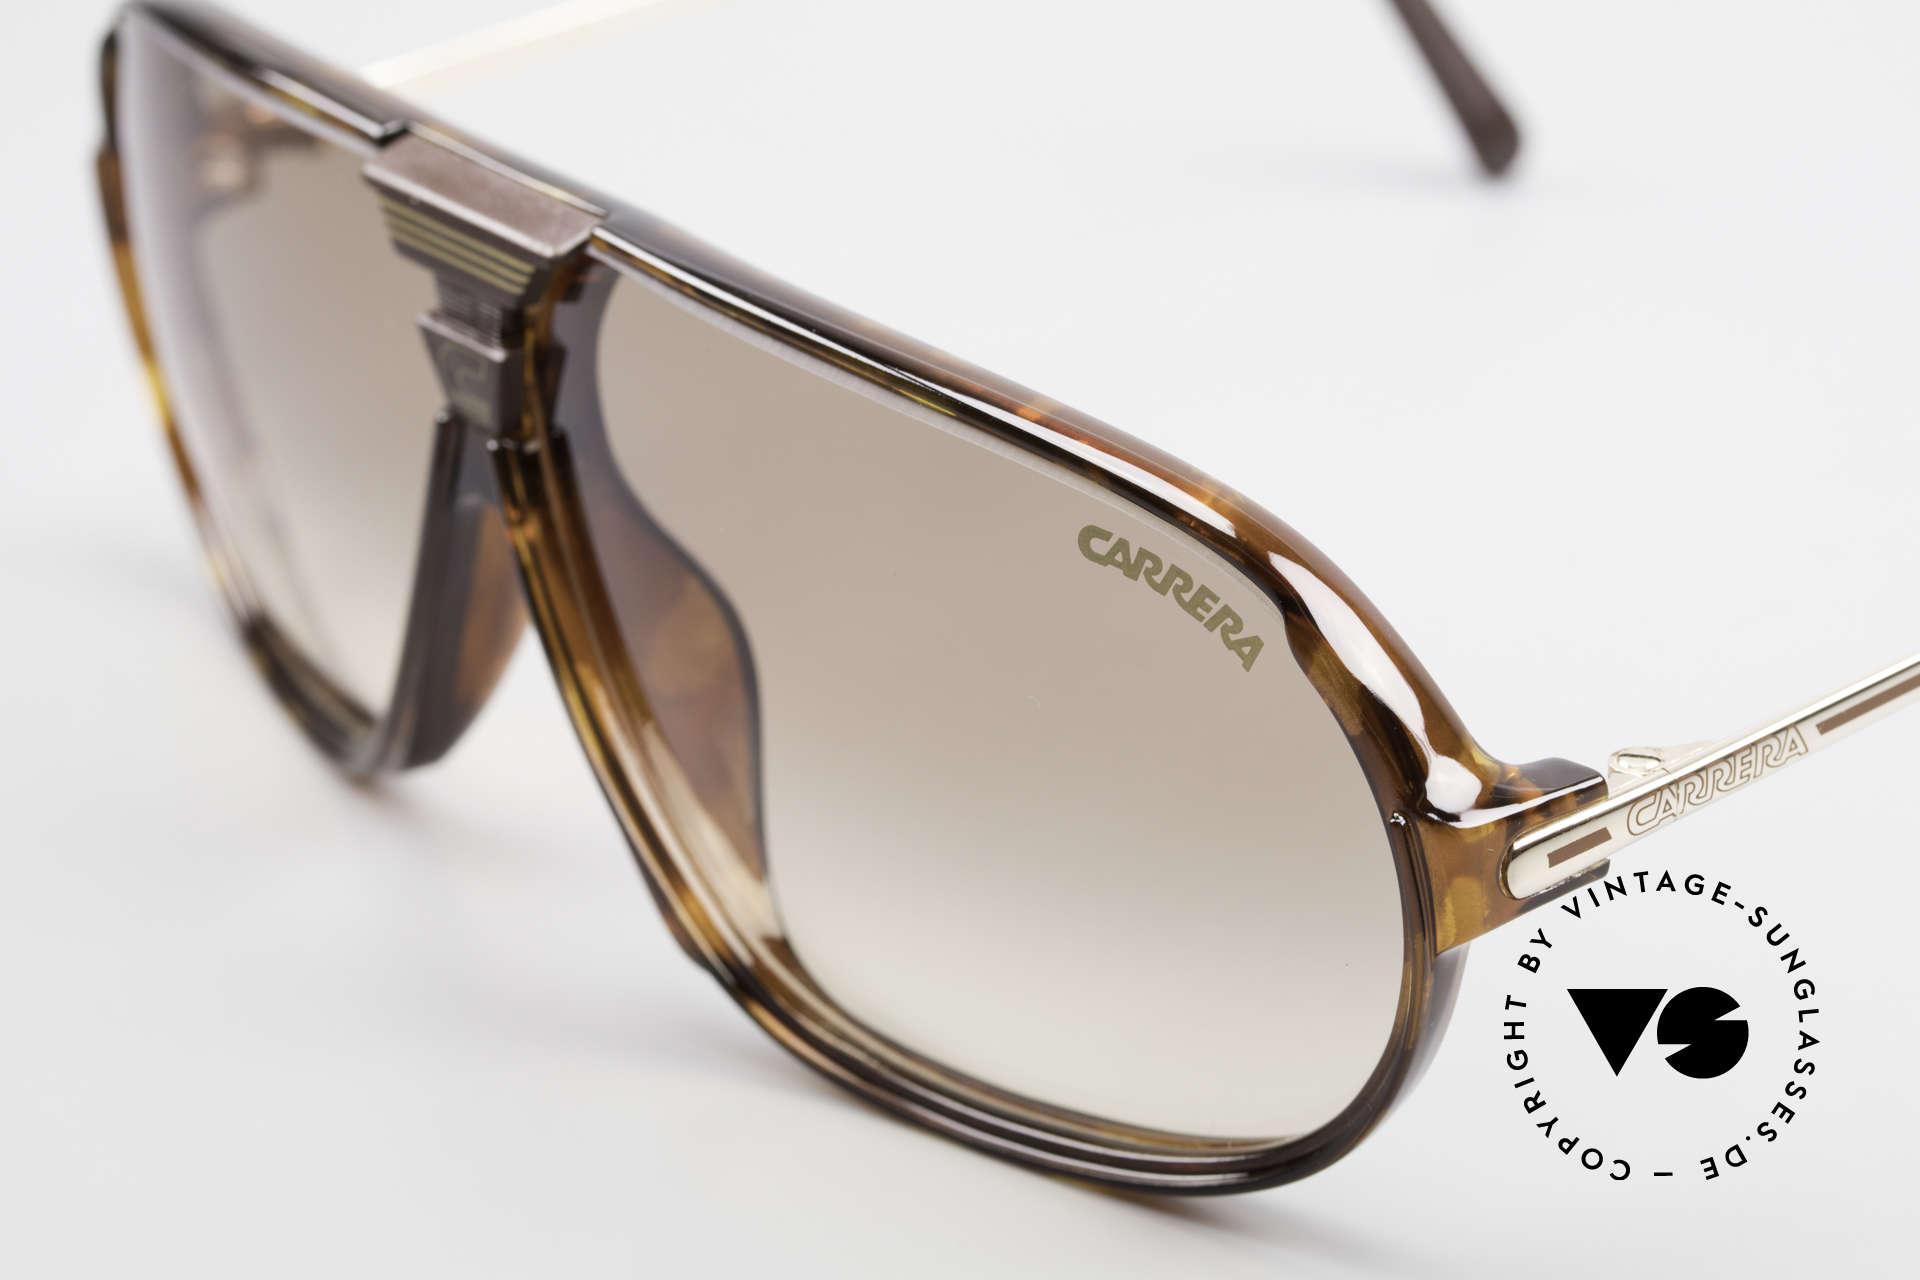 Carrera 5416 80er Brille Mit Wechselgläsern, 1x braun Verlauf sowie 1x braun-silber verspiegelt, Passend für Herren